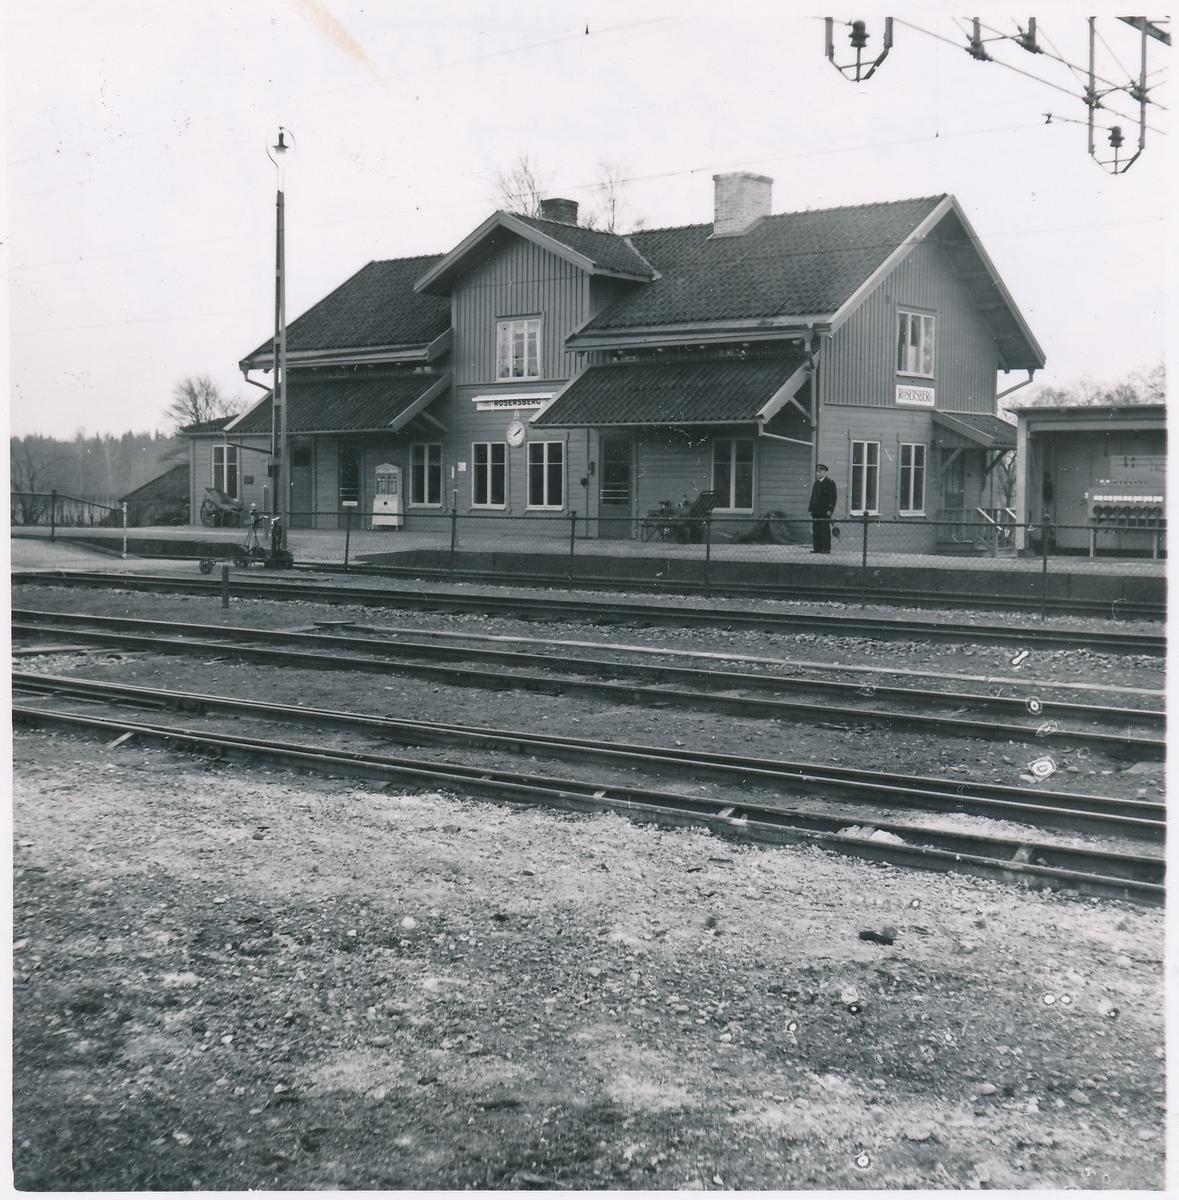 Statens Järnvägar, SJ. Rosersbergs station.